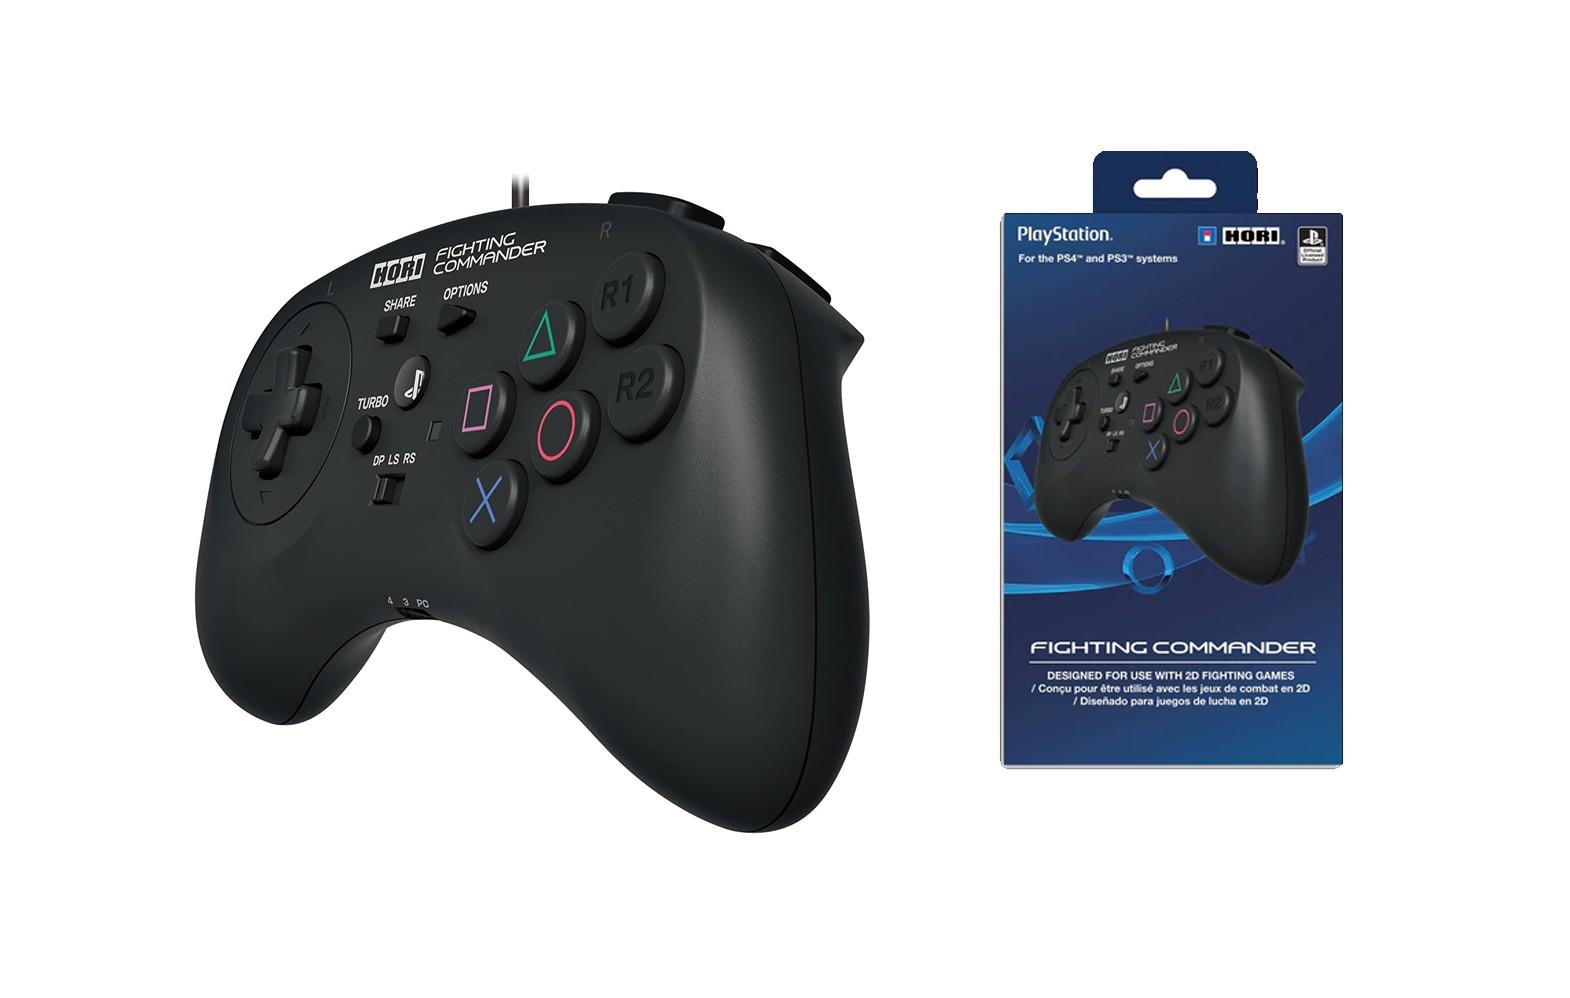 HORI Fighting Commander laidinis valdiklis skirtas Playstation 3 ir 4